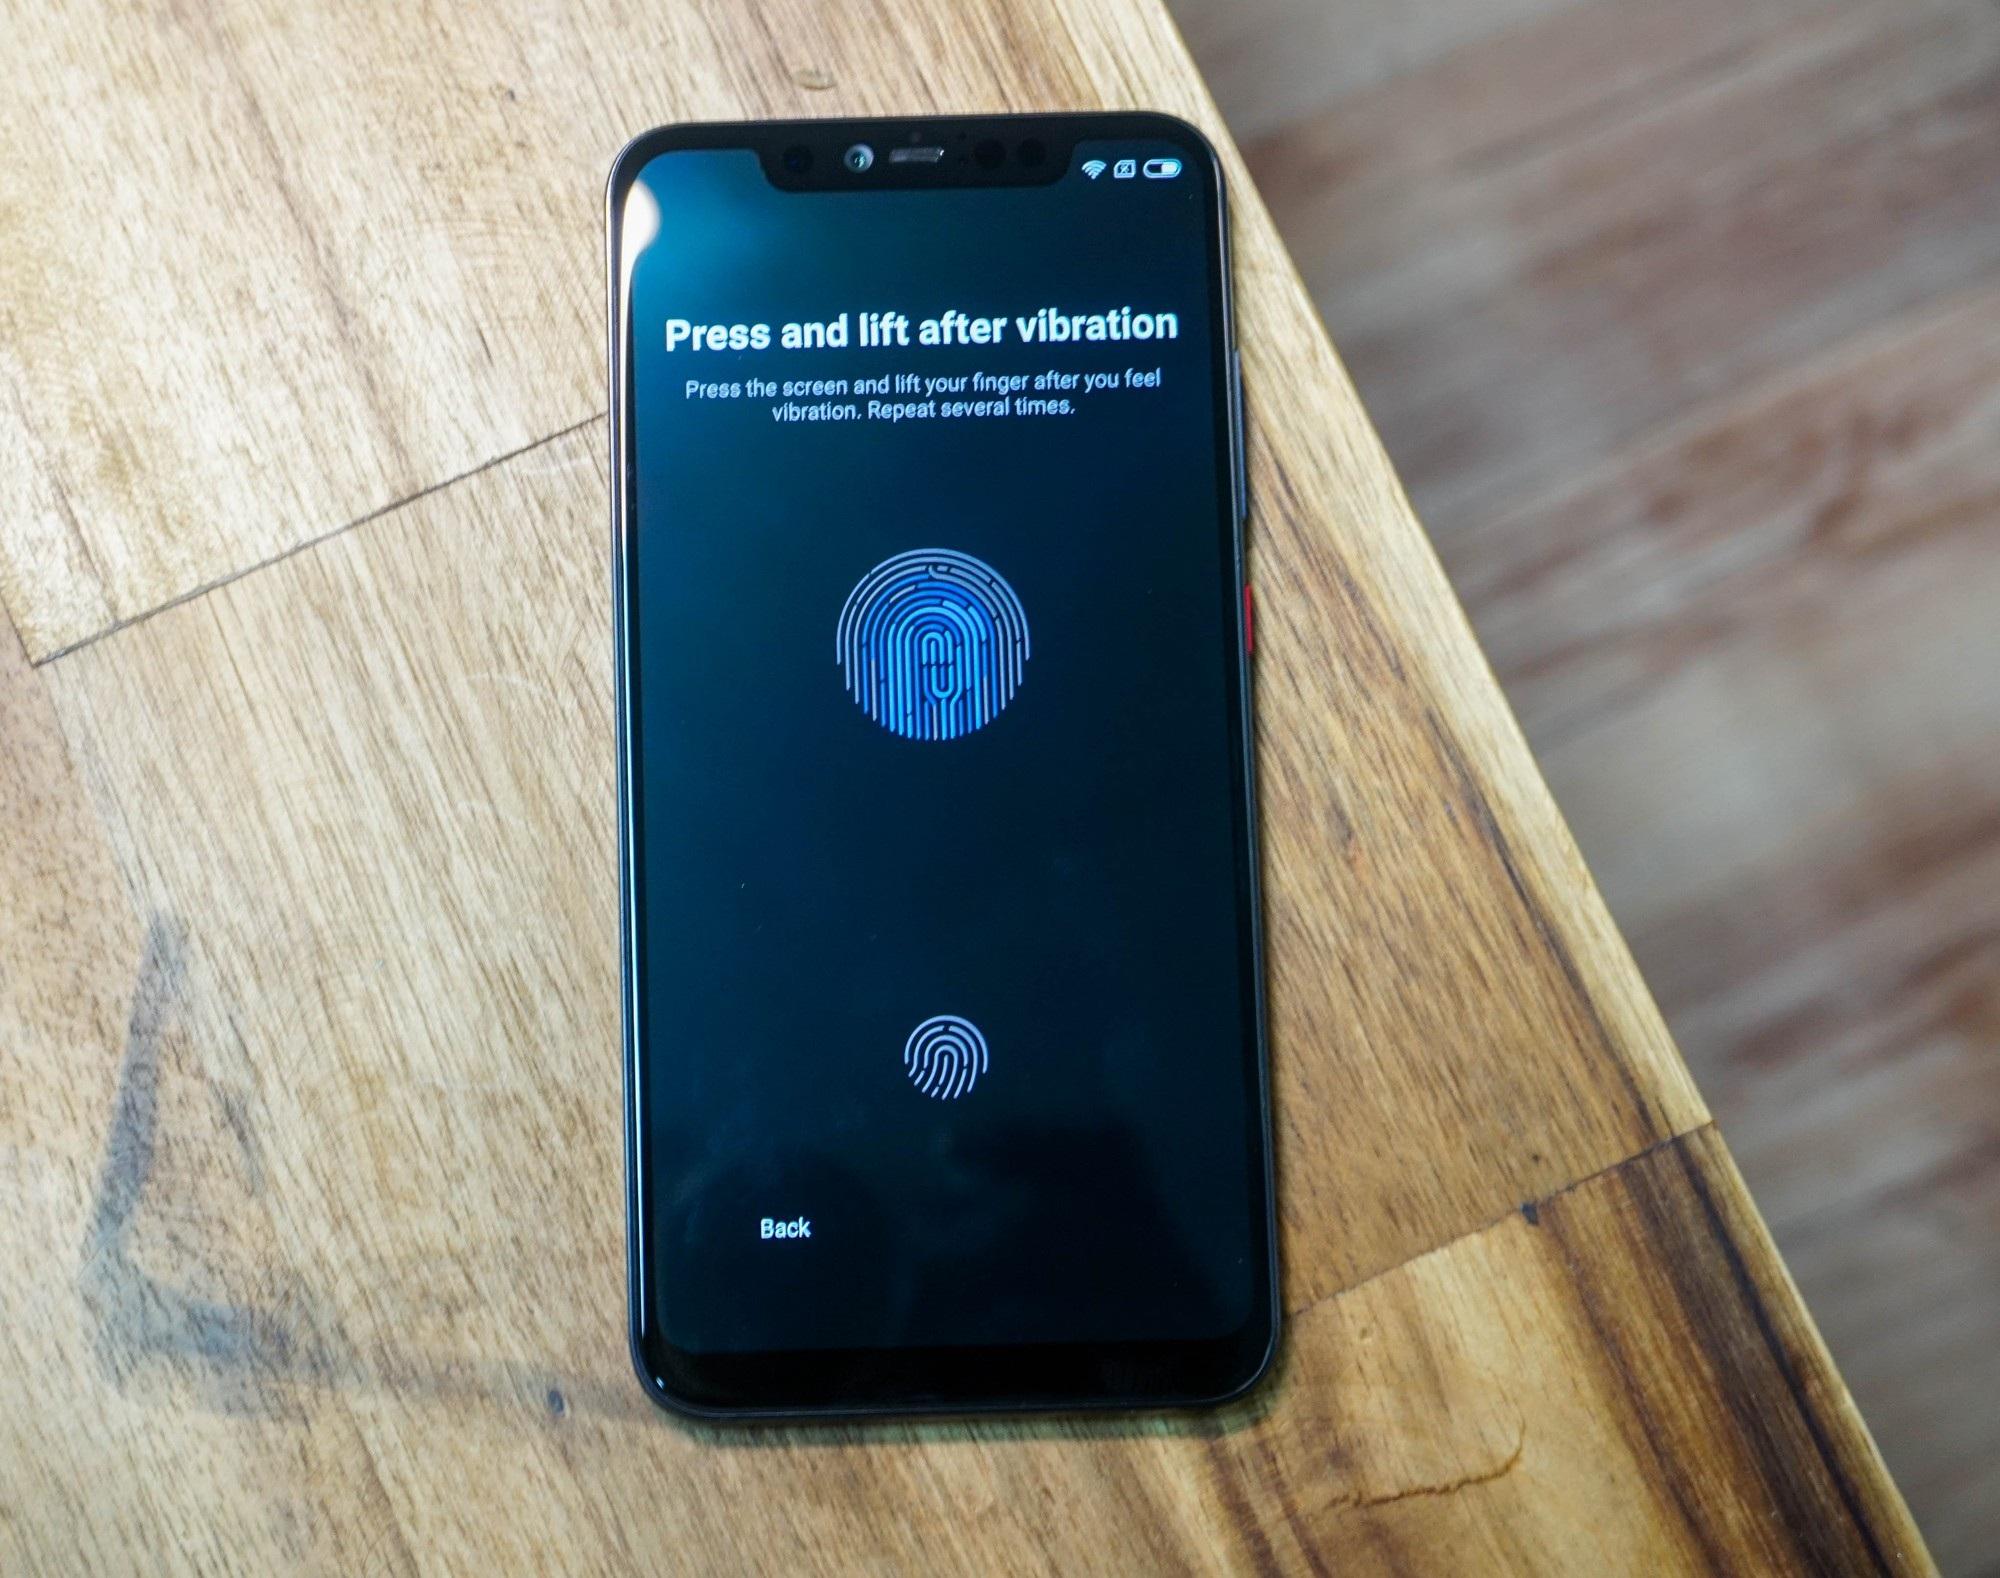 Samsung Galaxy A9- smartphone cận cao cấp được độc giả Dân trí bình chọn nhiều nhất - Ảnh 3.